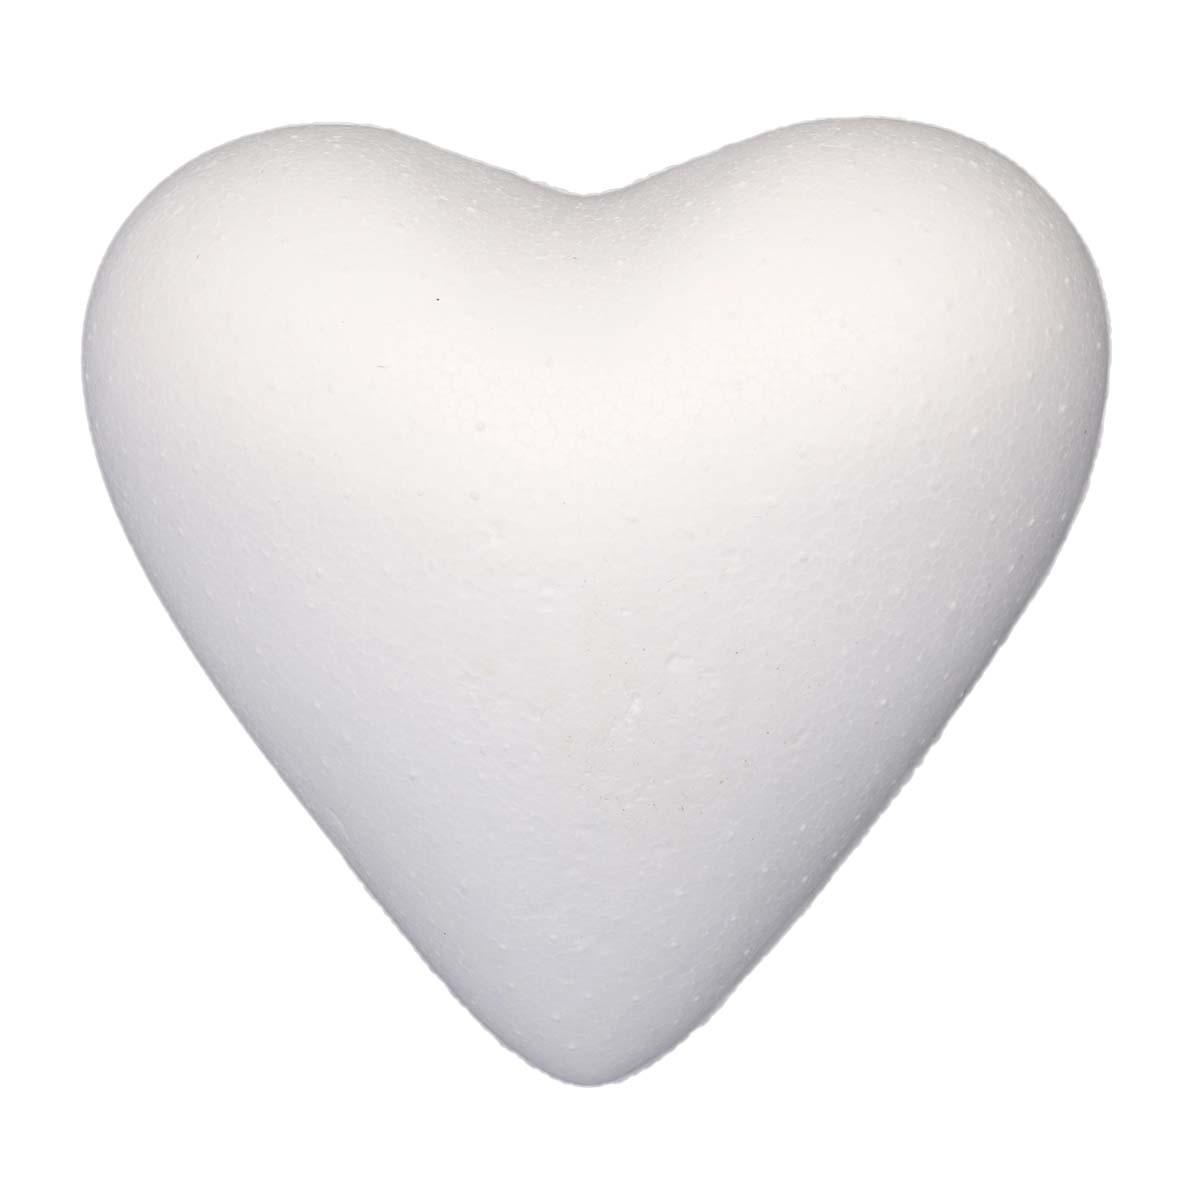 Заготовка для декорирования из пенопласта 'Сердце полное', 11см, 1 шт/упак, Астра